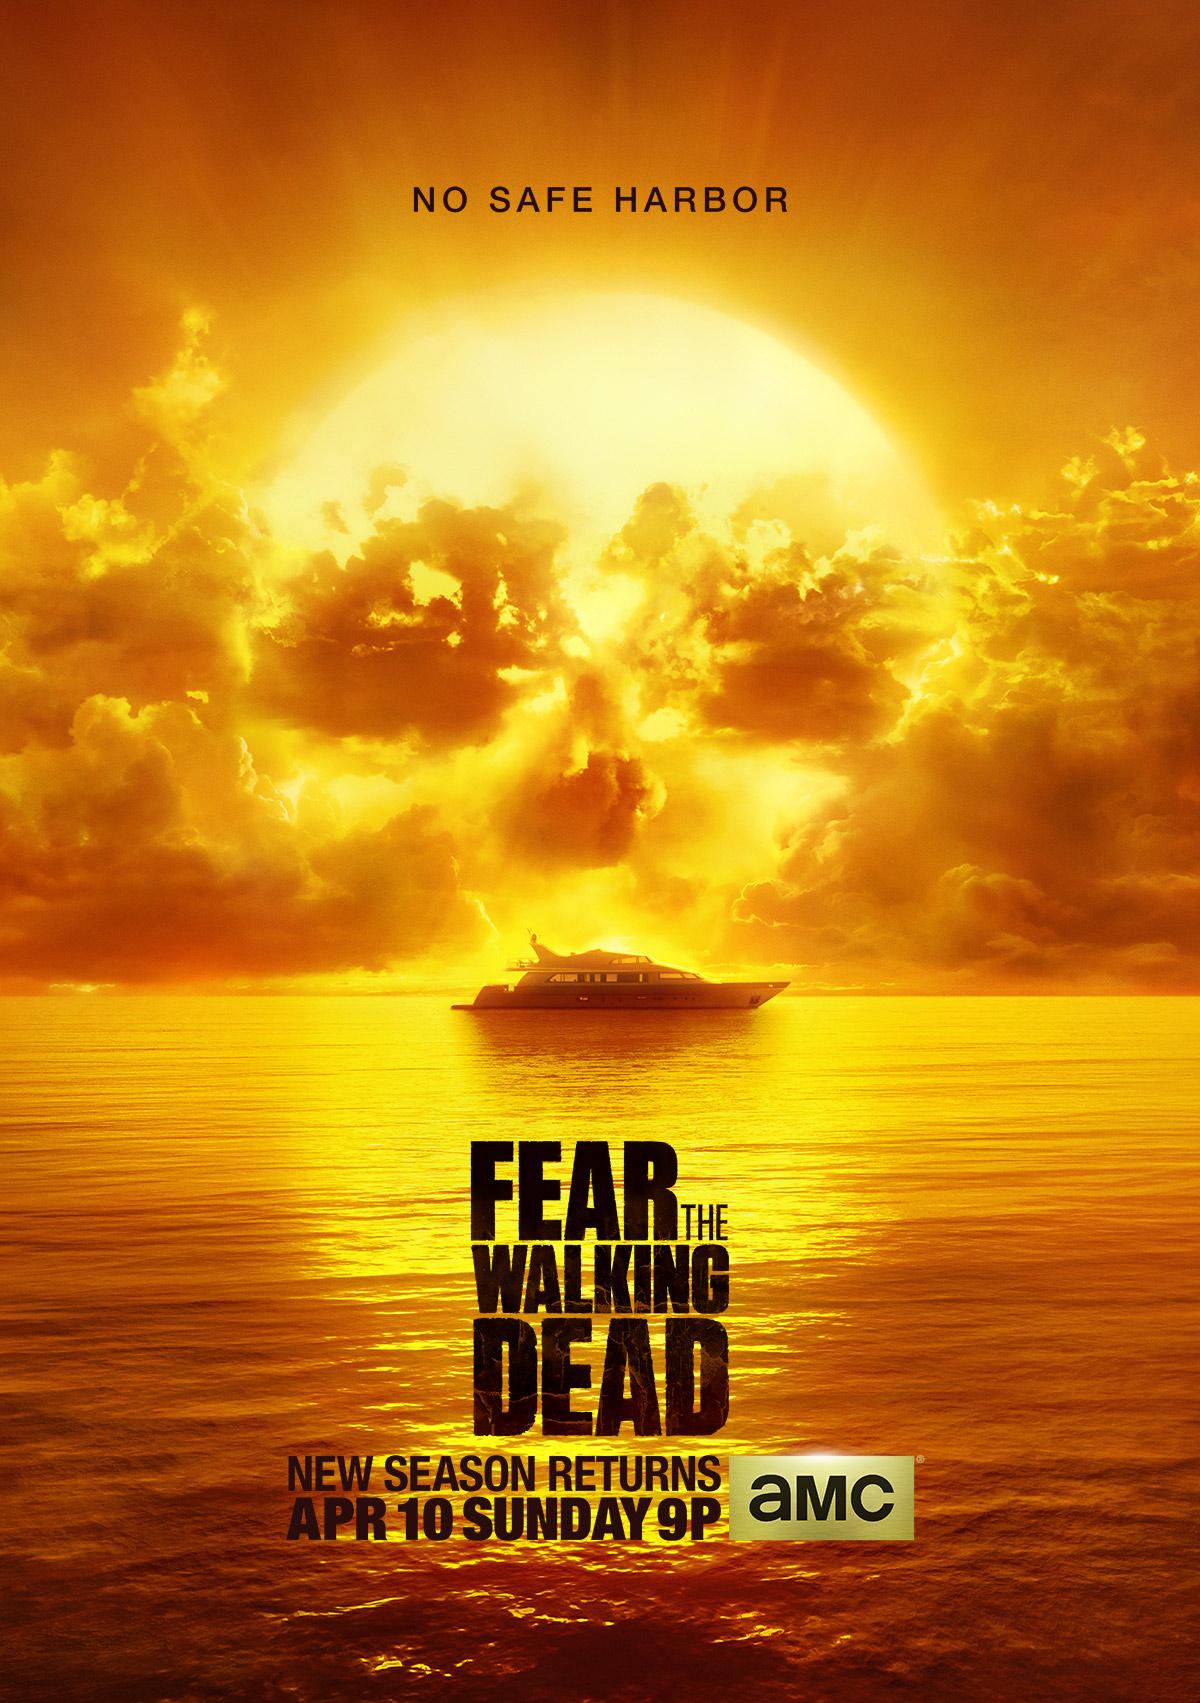 fear-the-walking-dead-season-2-key-art-p